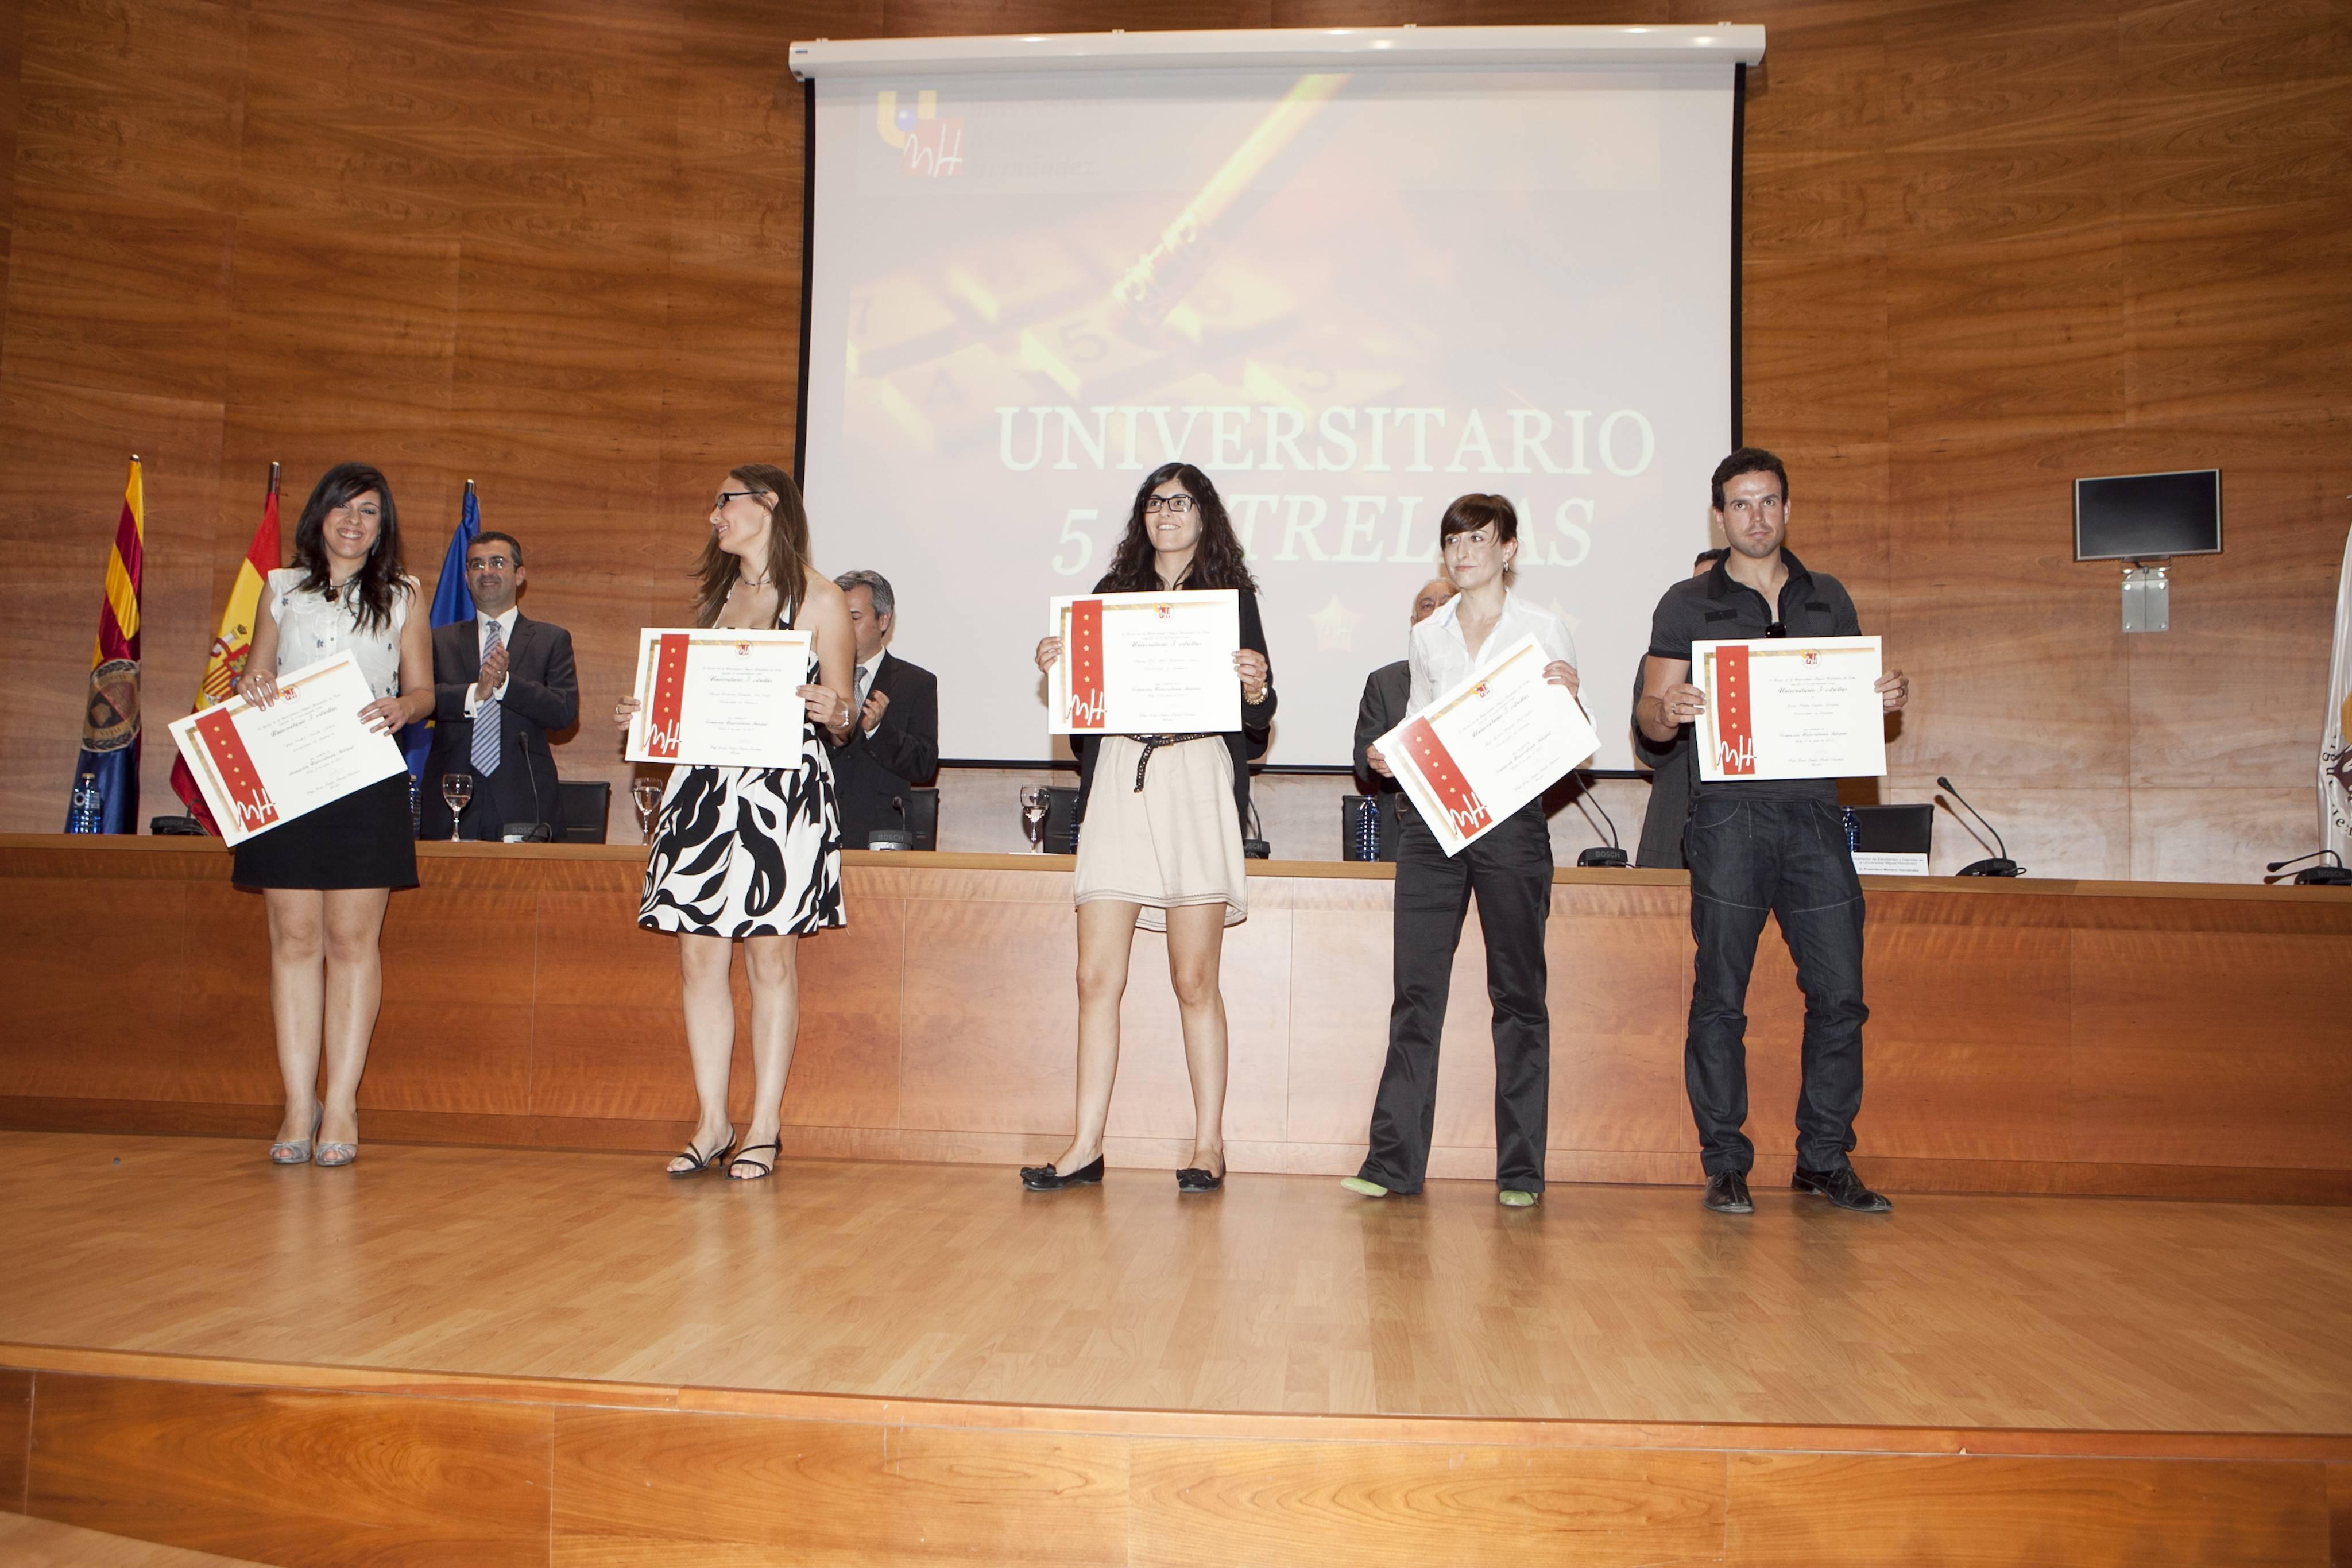 premios-5-estrellas_mg_0597.jpg